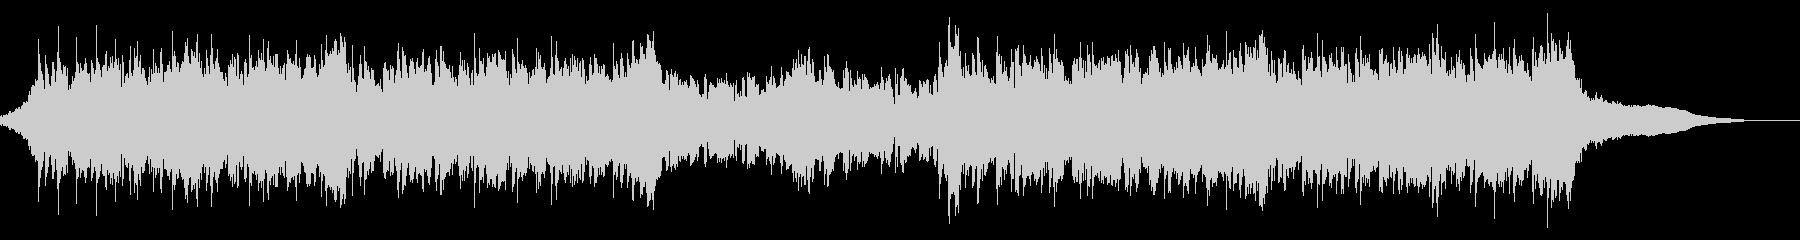 texture19の未再生の波形